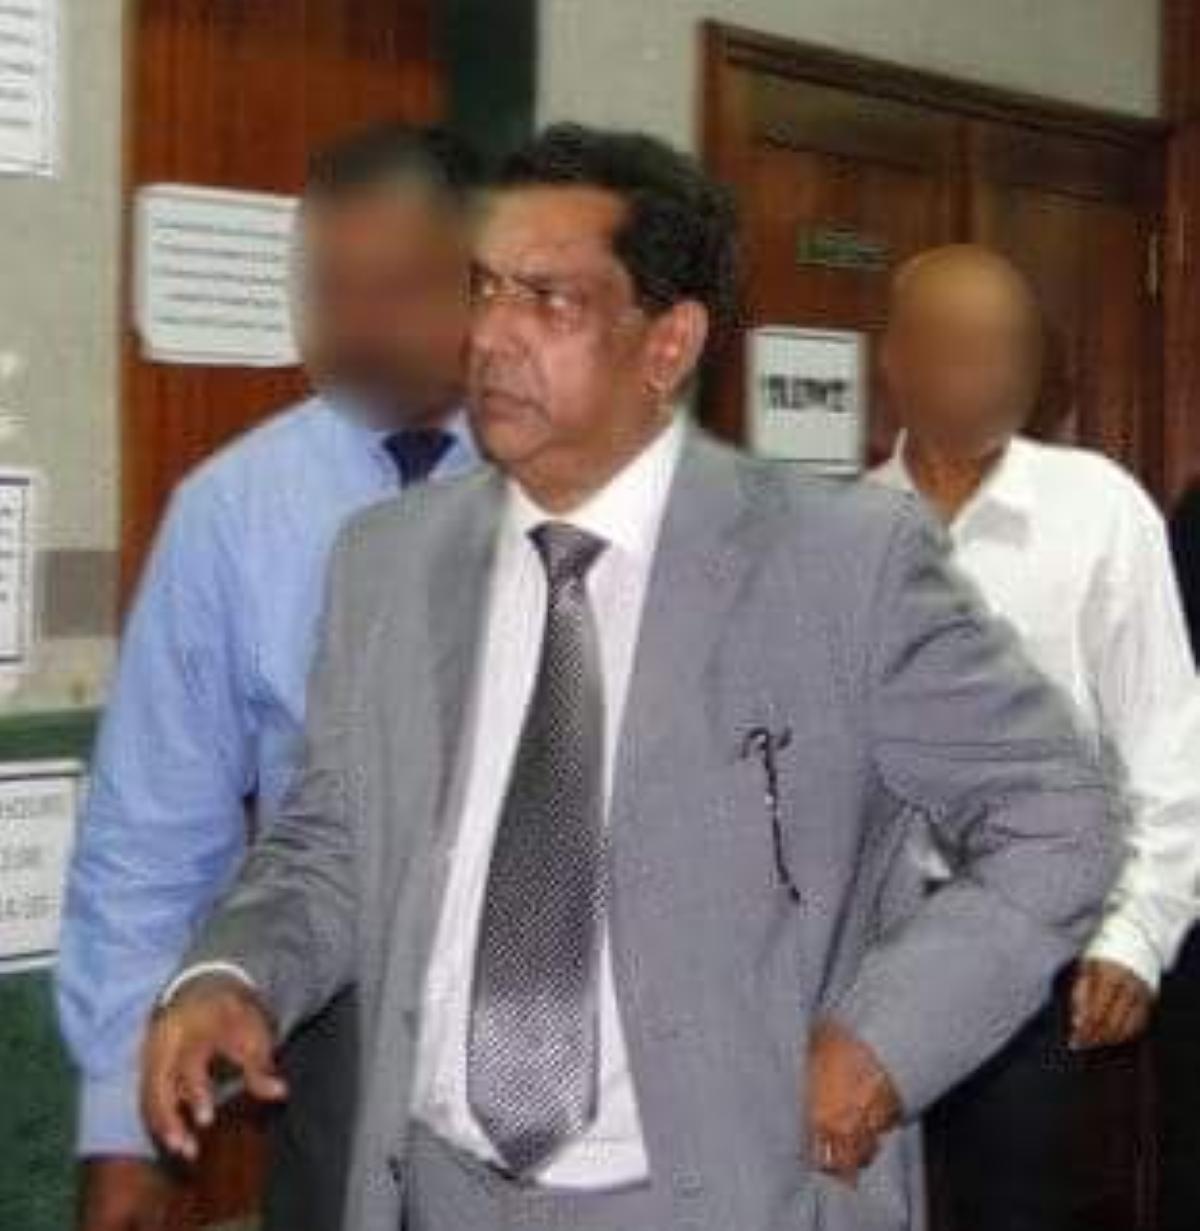 Maunthrooa et Chady en liberté conditionnelle en attendant leur appel